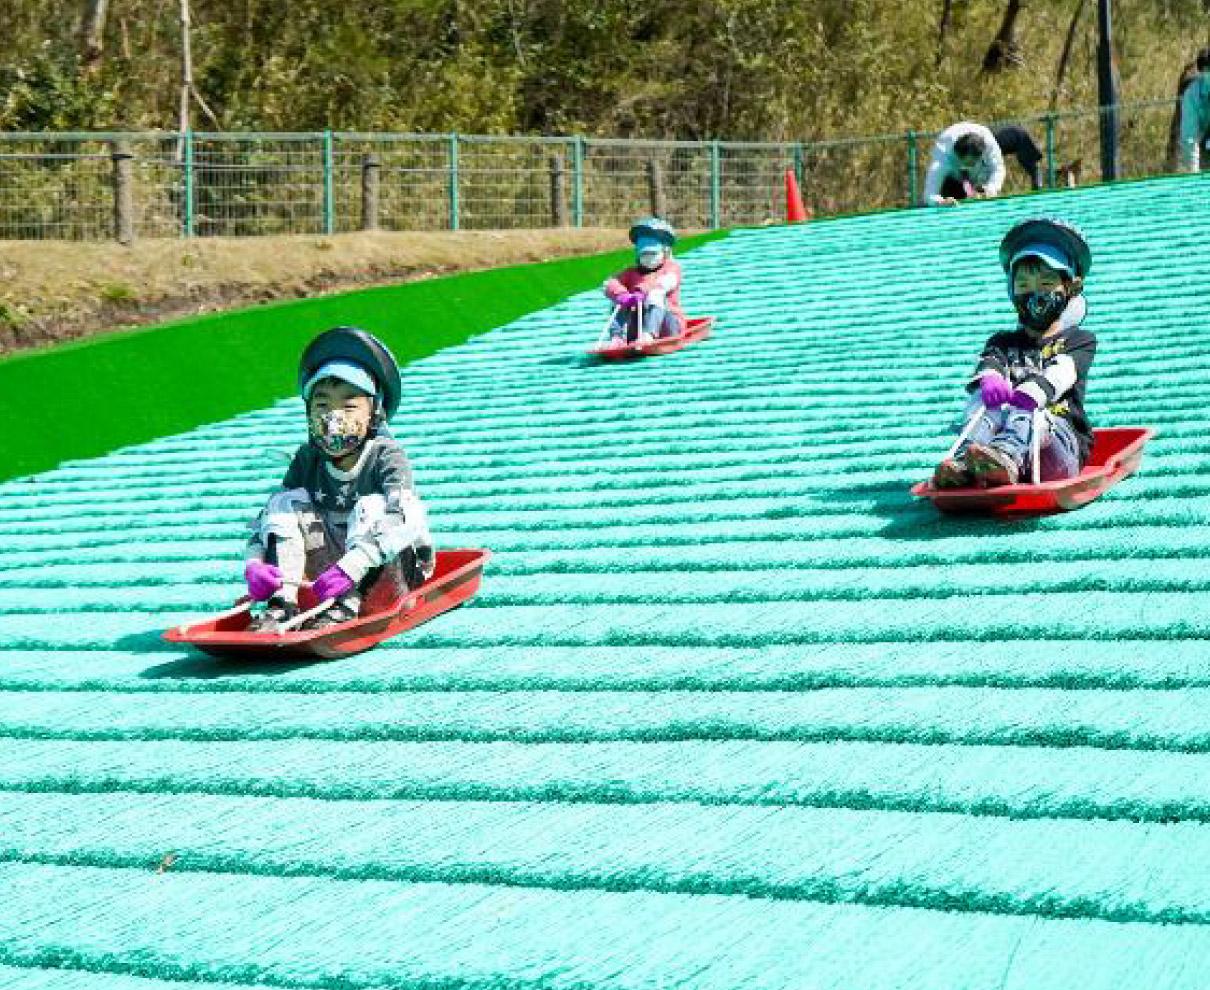 敦賀市総合運動公園|リニューアルした人工芝そり「ちびっこゲレンデ」と、総延長415メートルの「ローラー滑り台」は県内屈指の長さ!